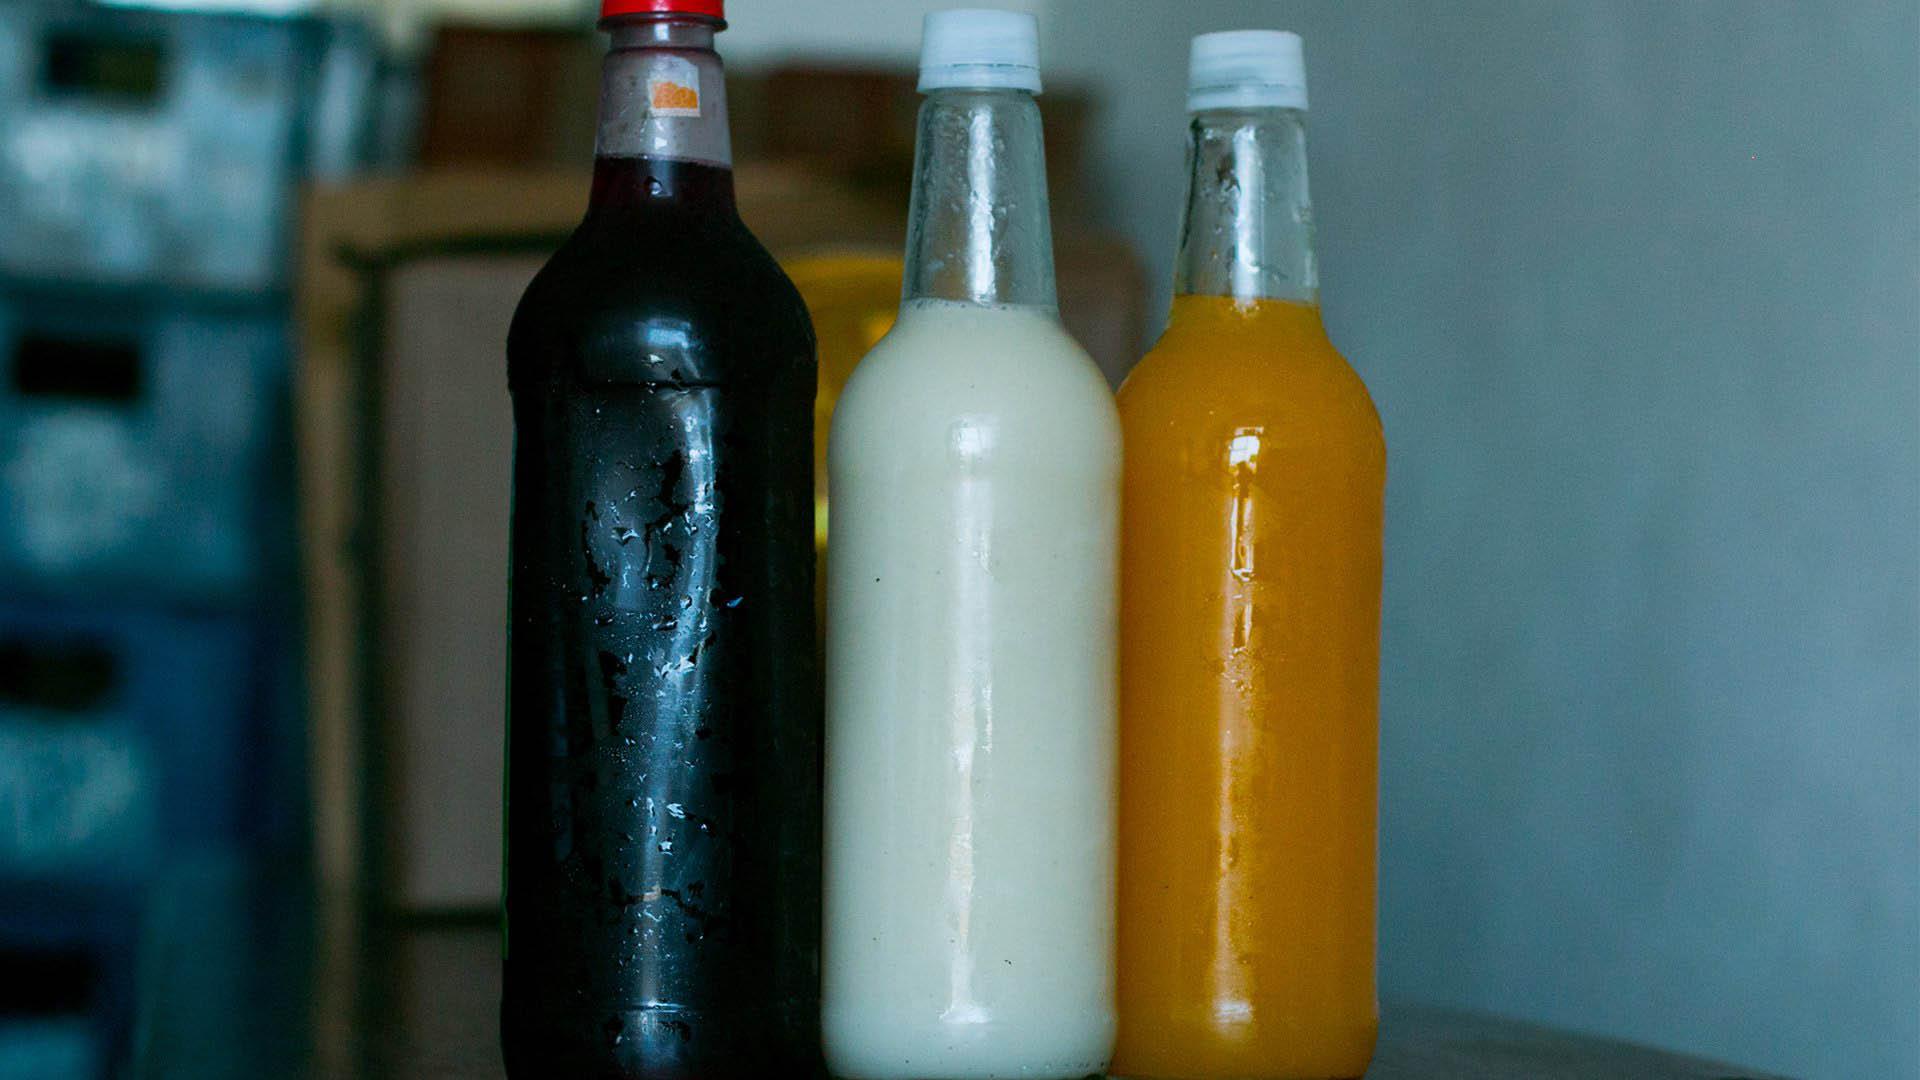 En total, 10 personas se vieron afectadas por beber la guarapita que contenía metanol